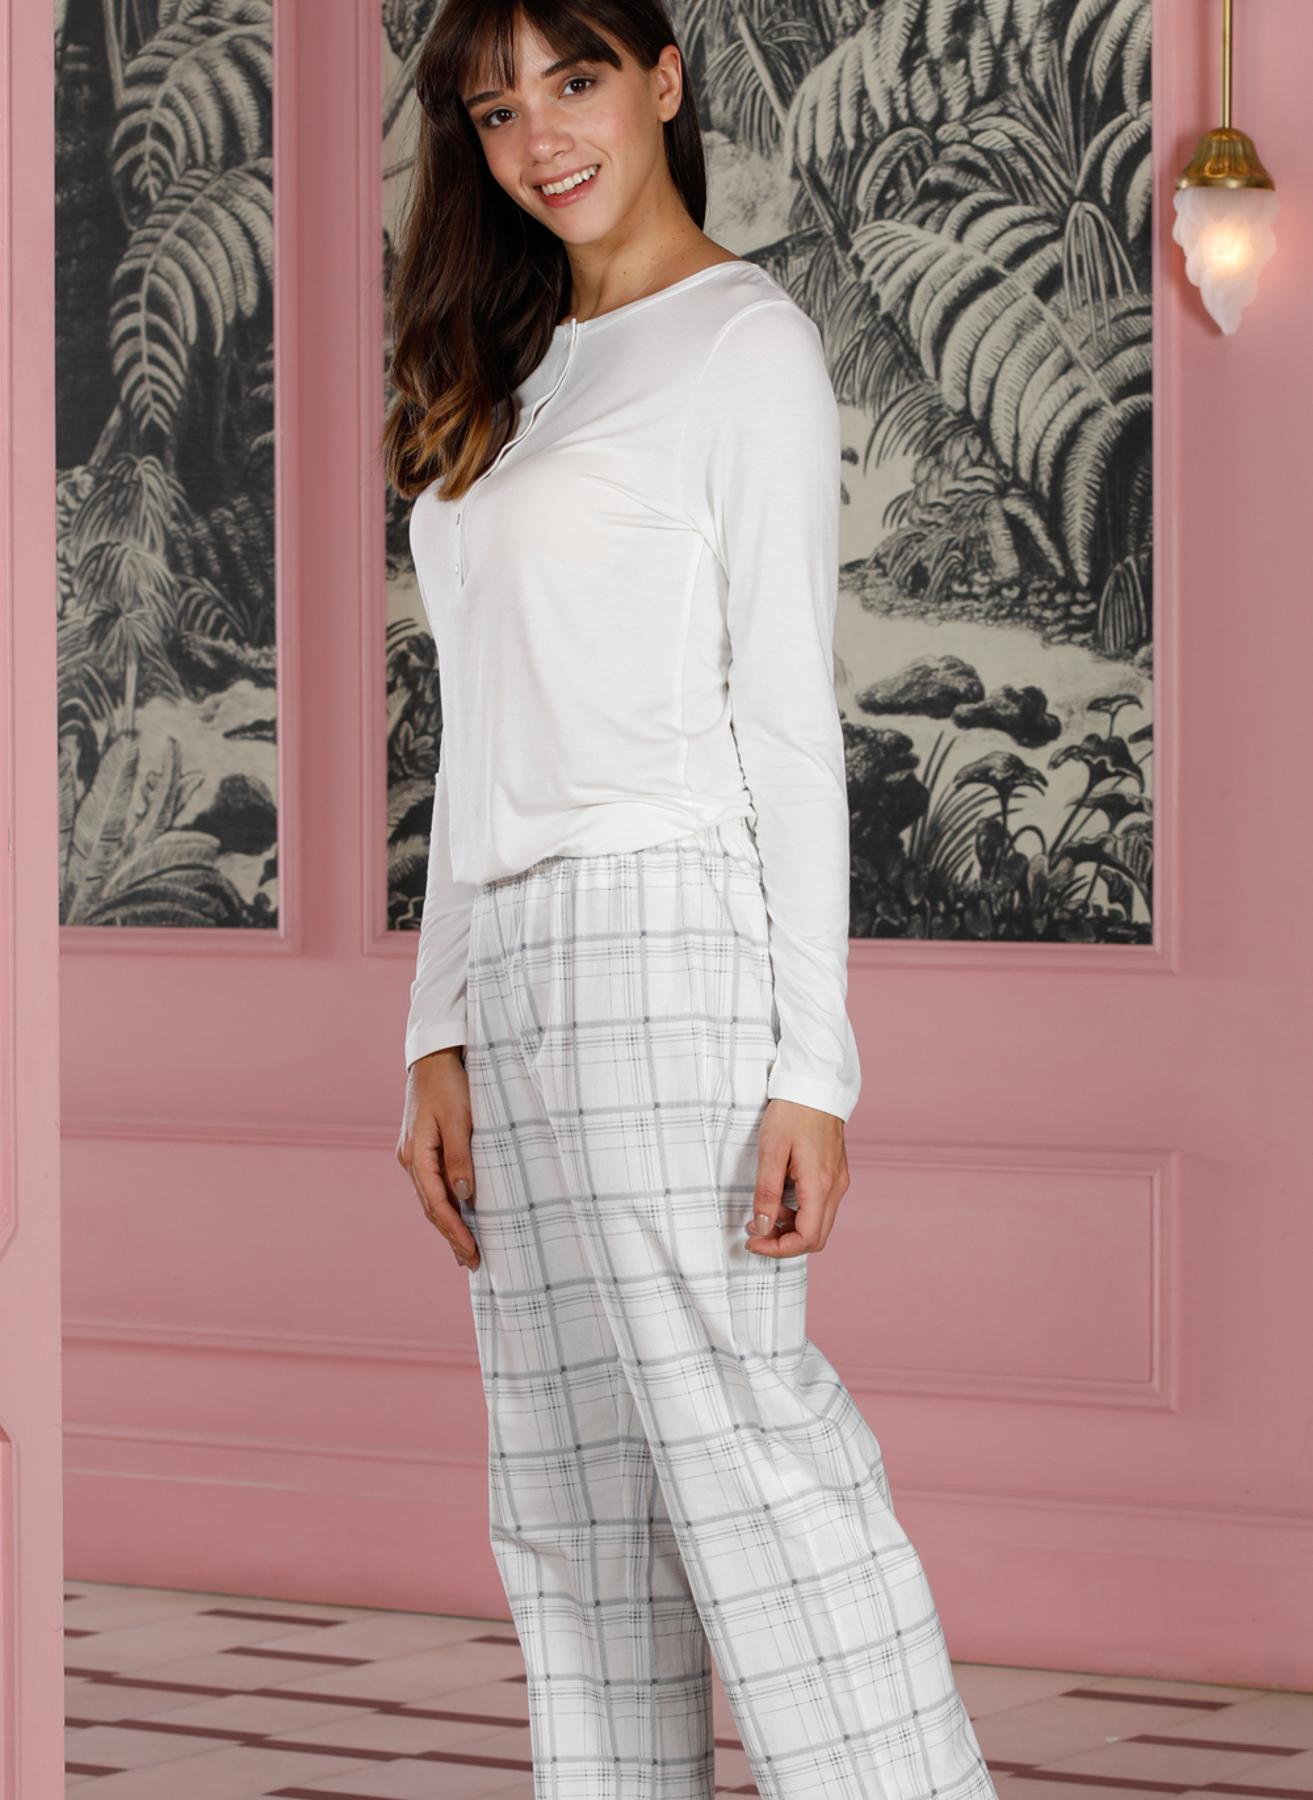 Hays Pijama Takımı L 5002305805001 Ürün Resmi